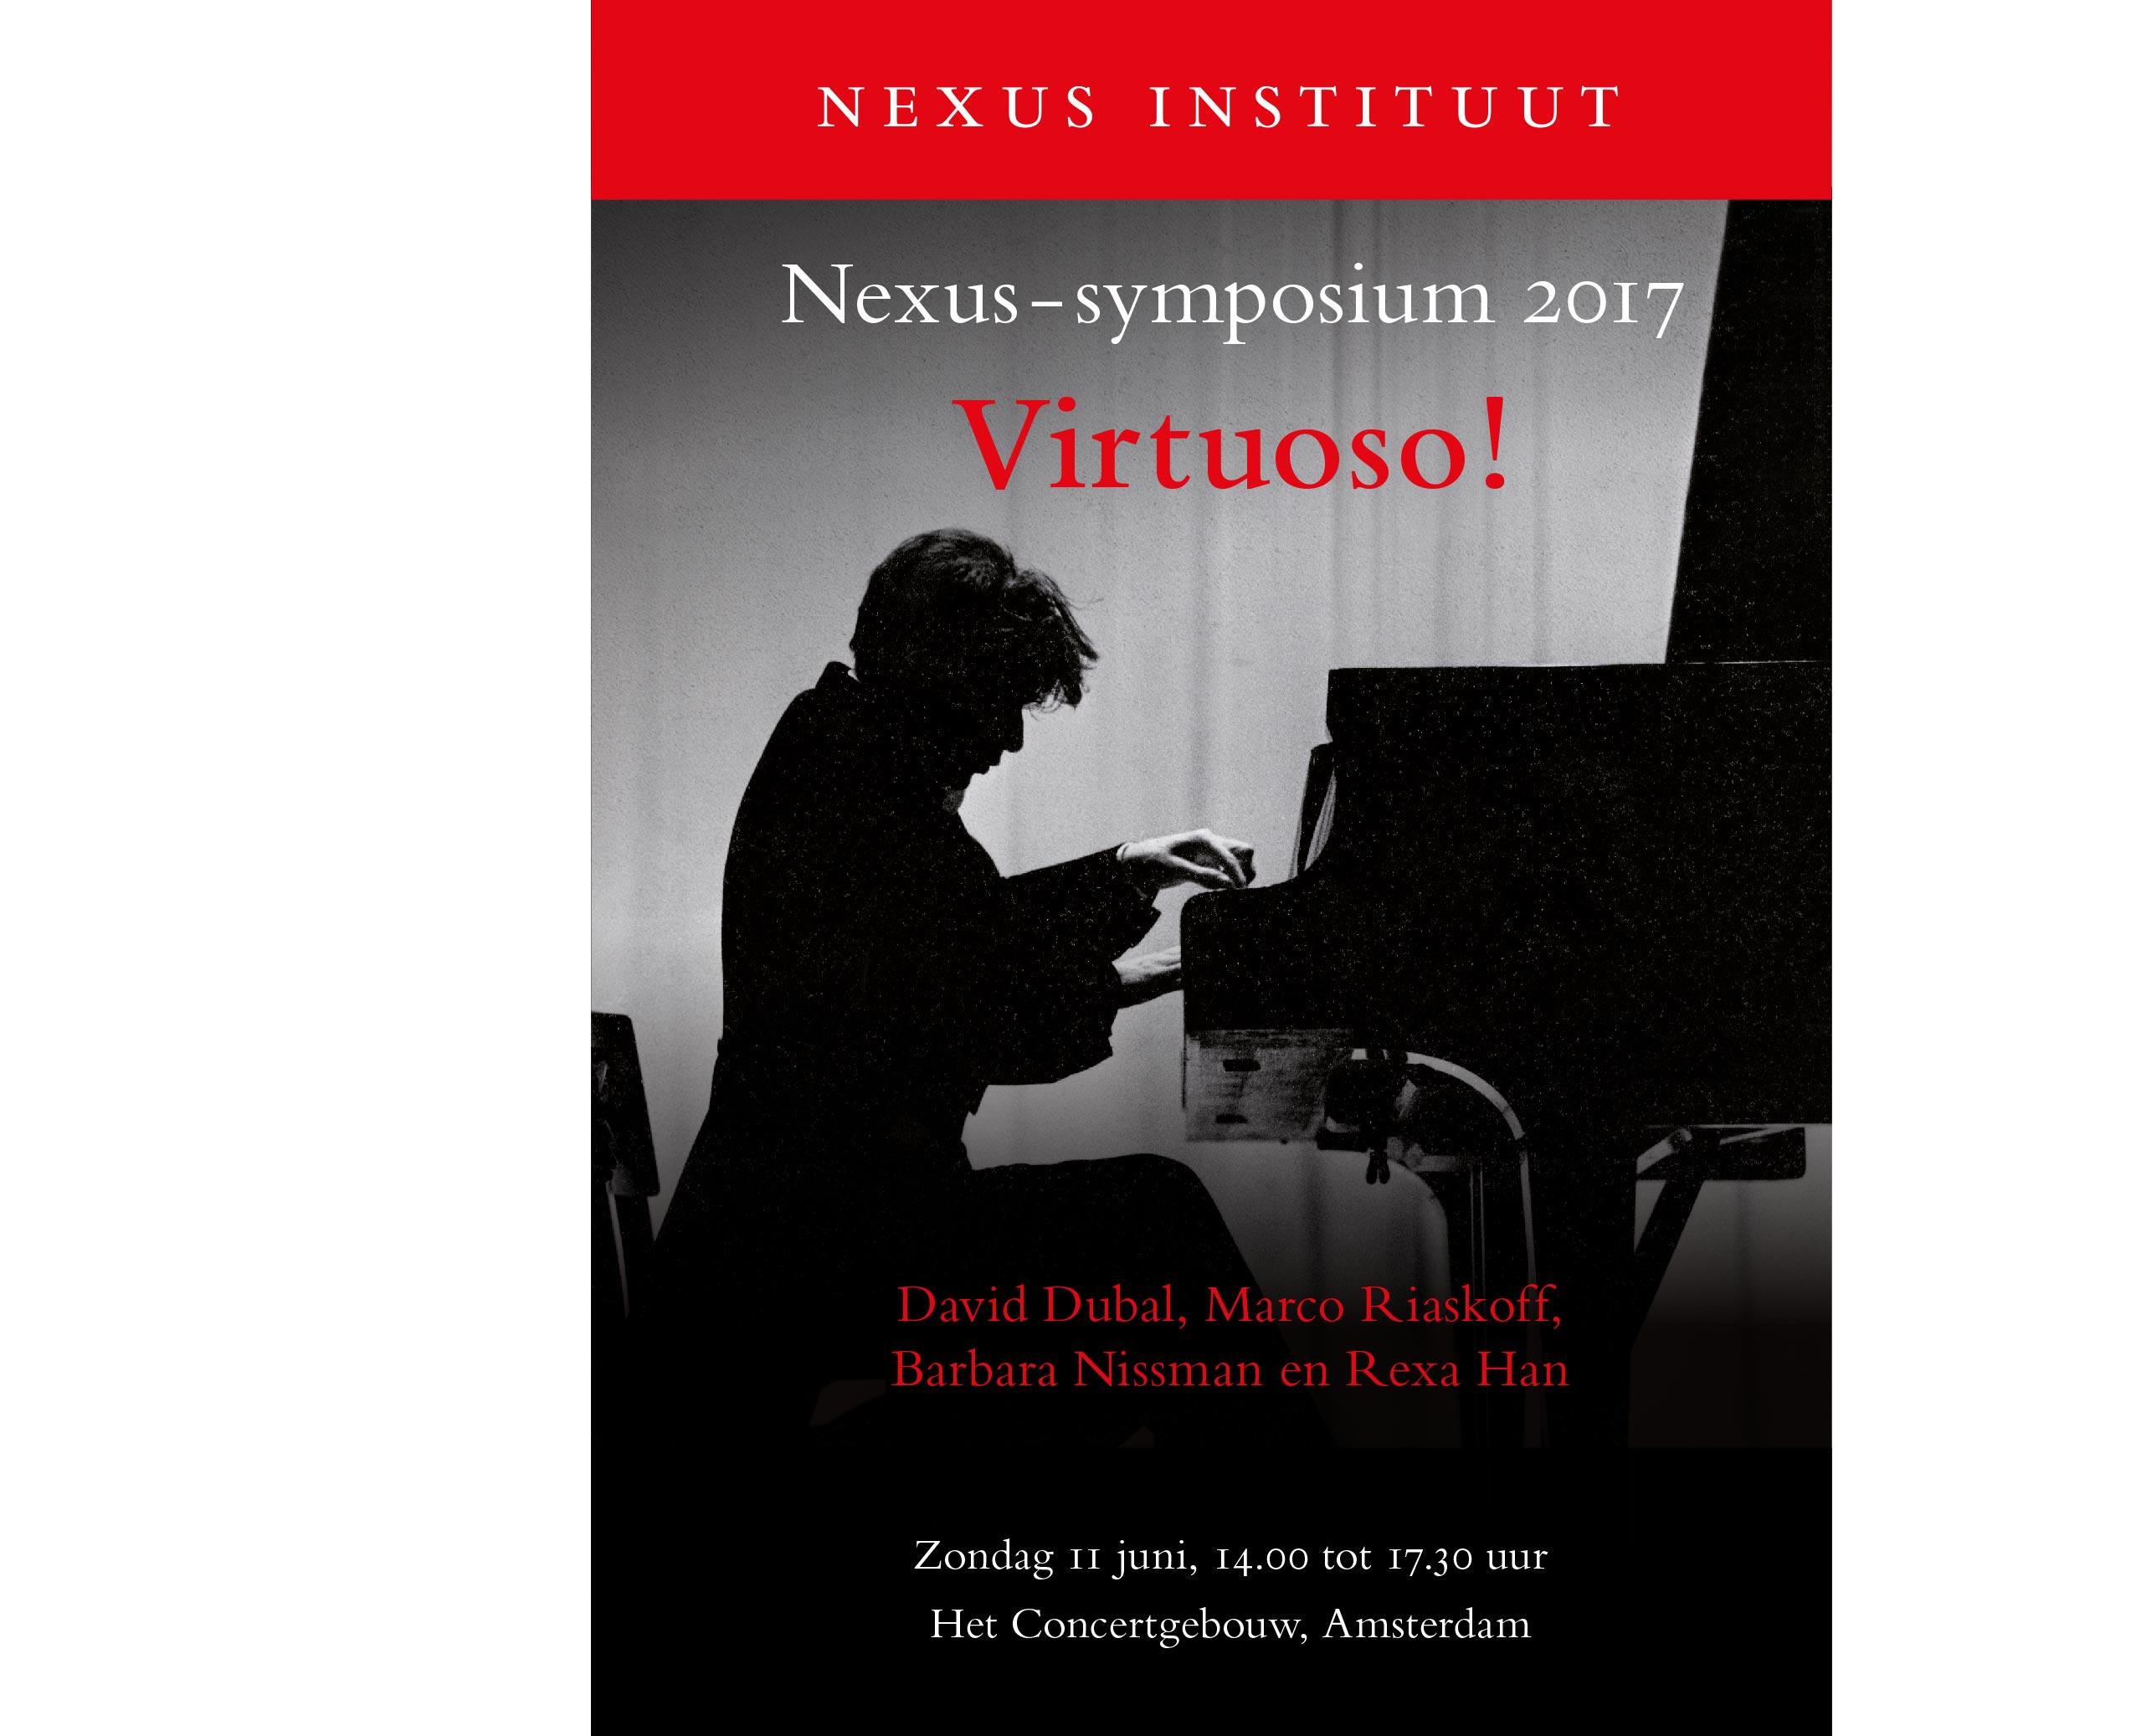 Nexus instituut symposium 2017 Virtuoso